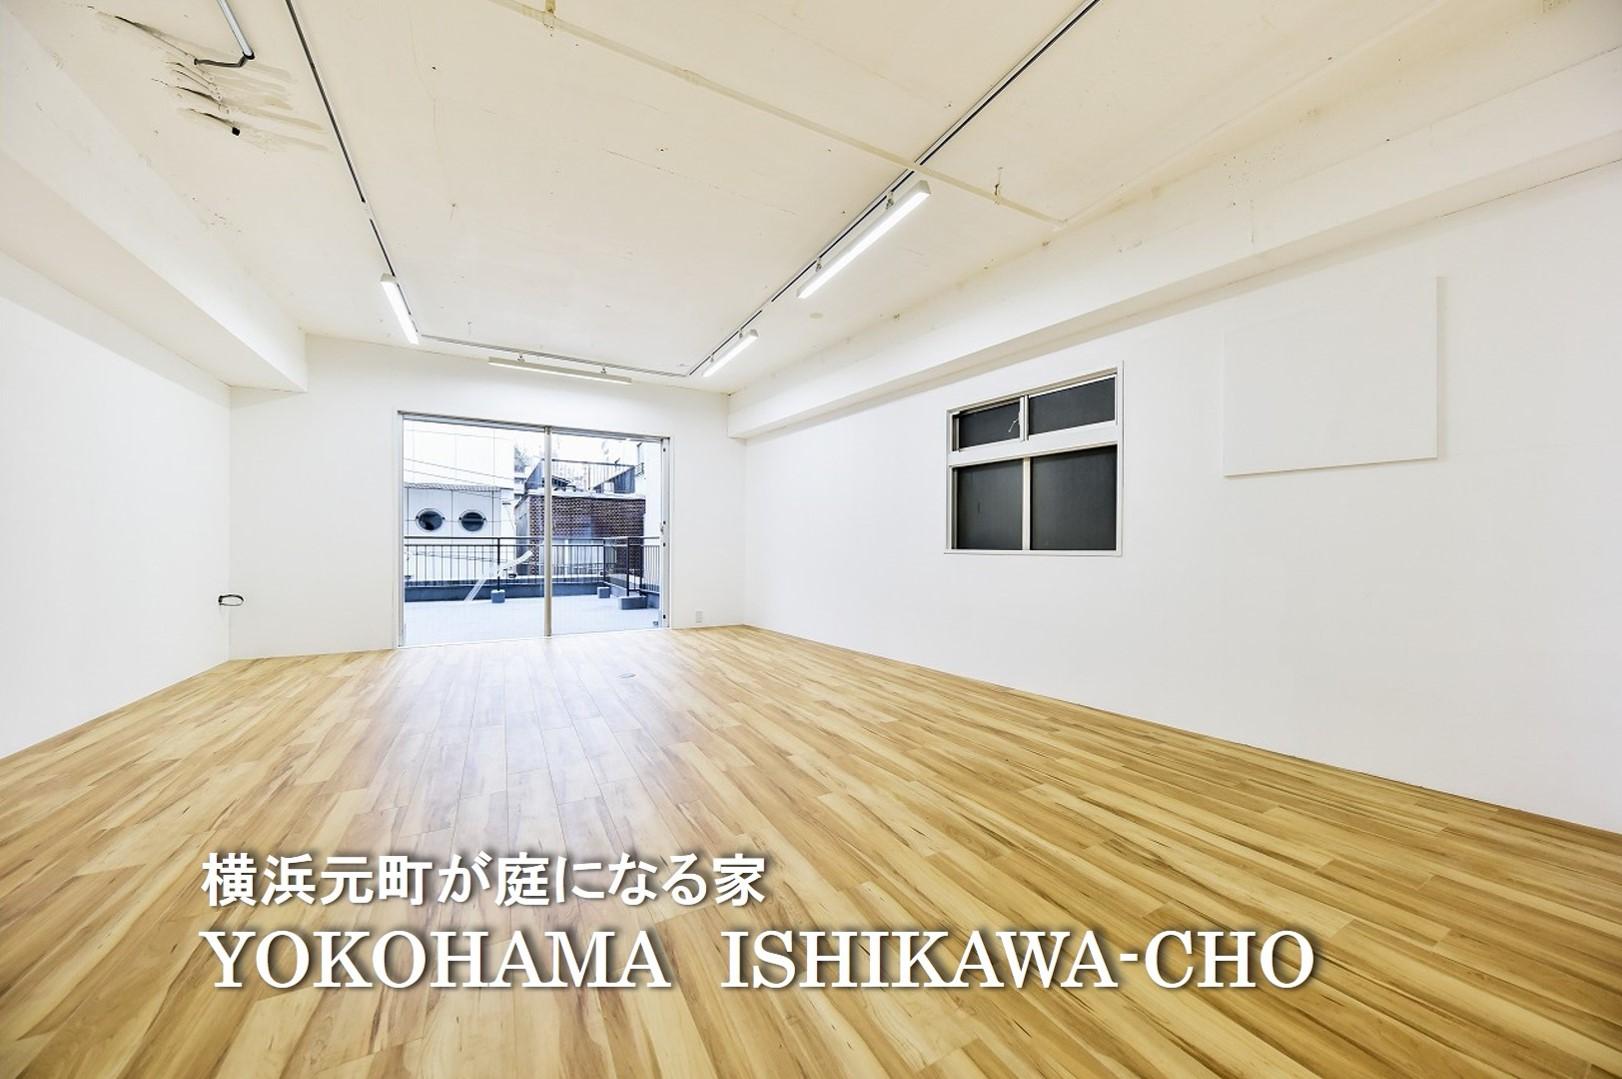 横浜元町が庭になる家 石川町  |YOKOHAMA ISHIKAWA-CHO